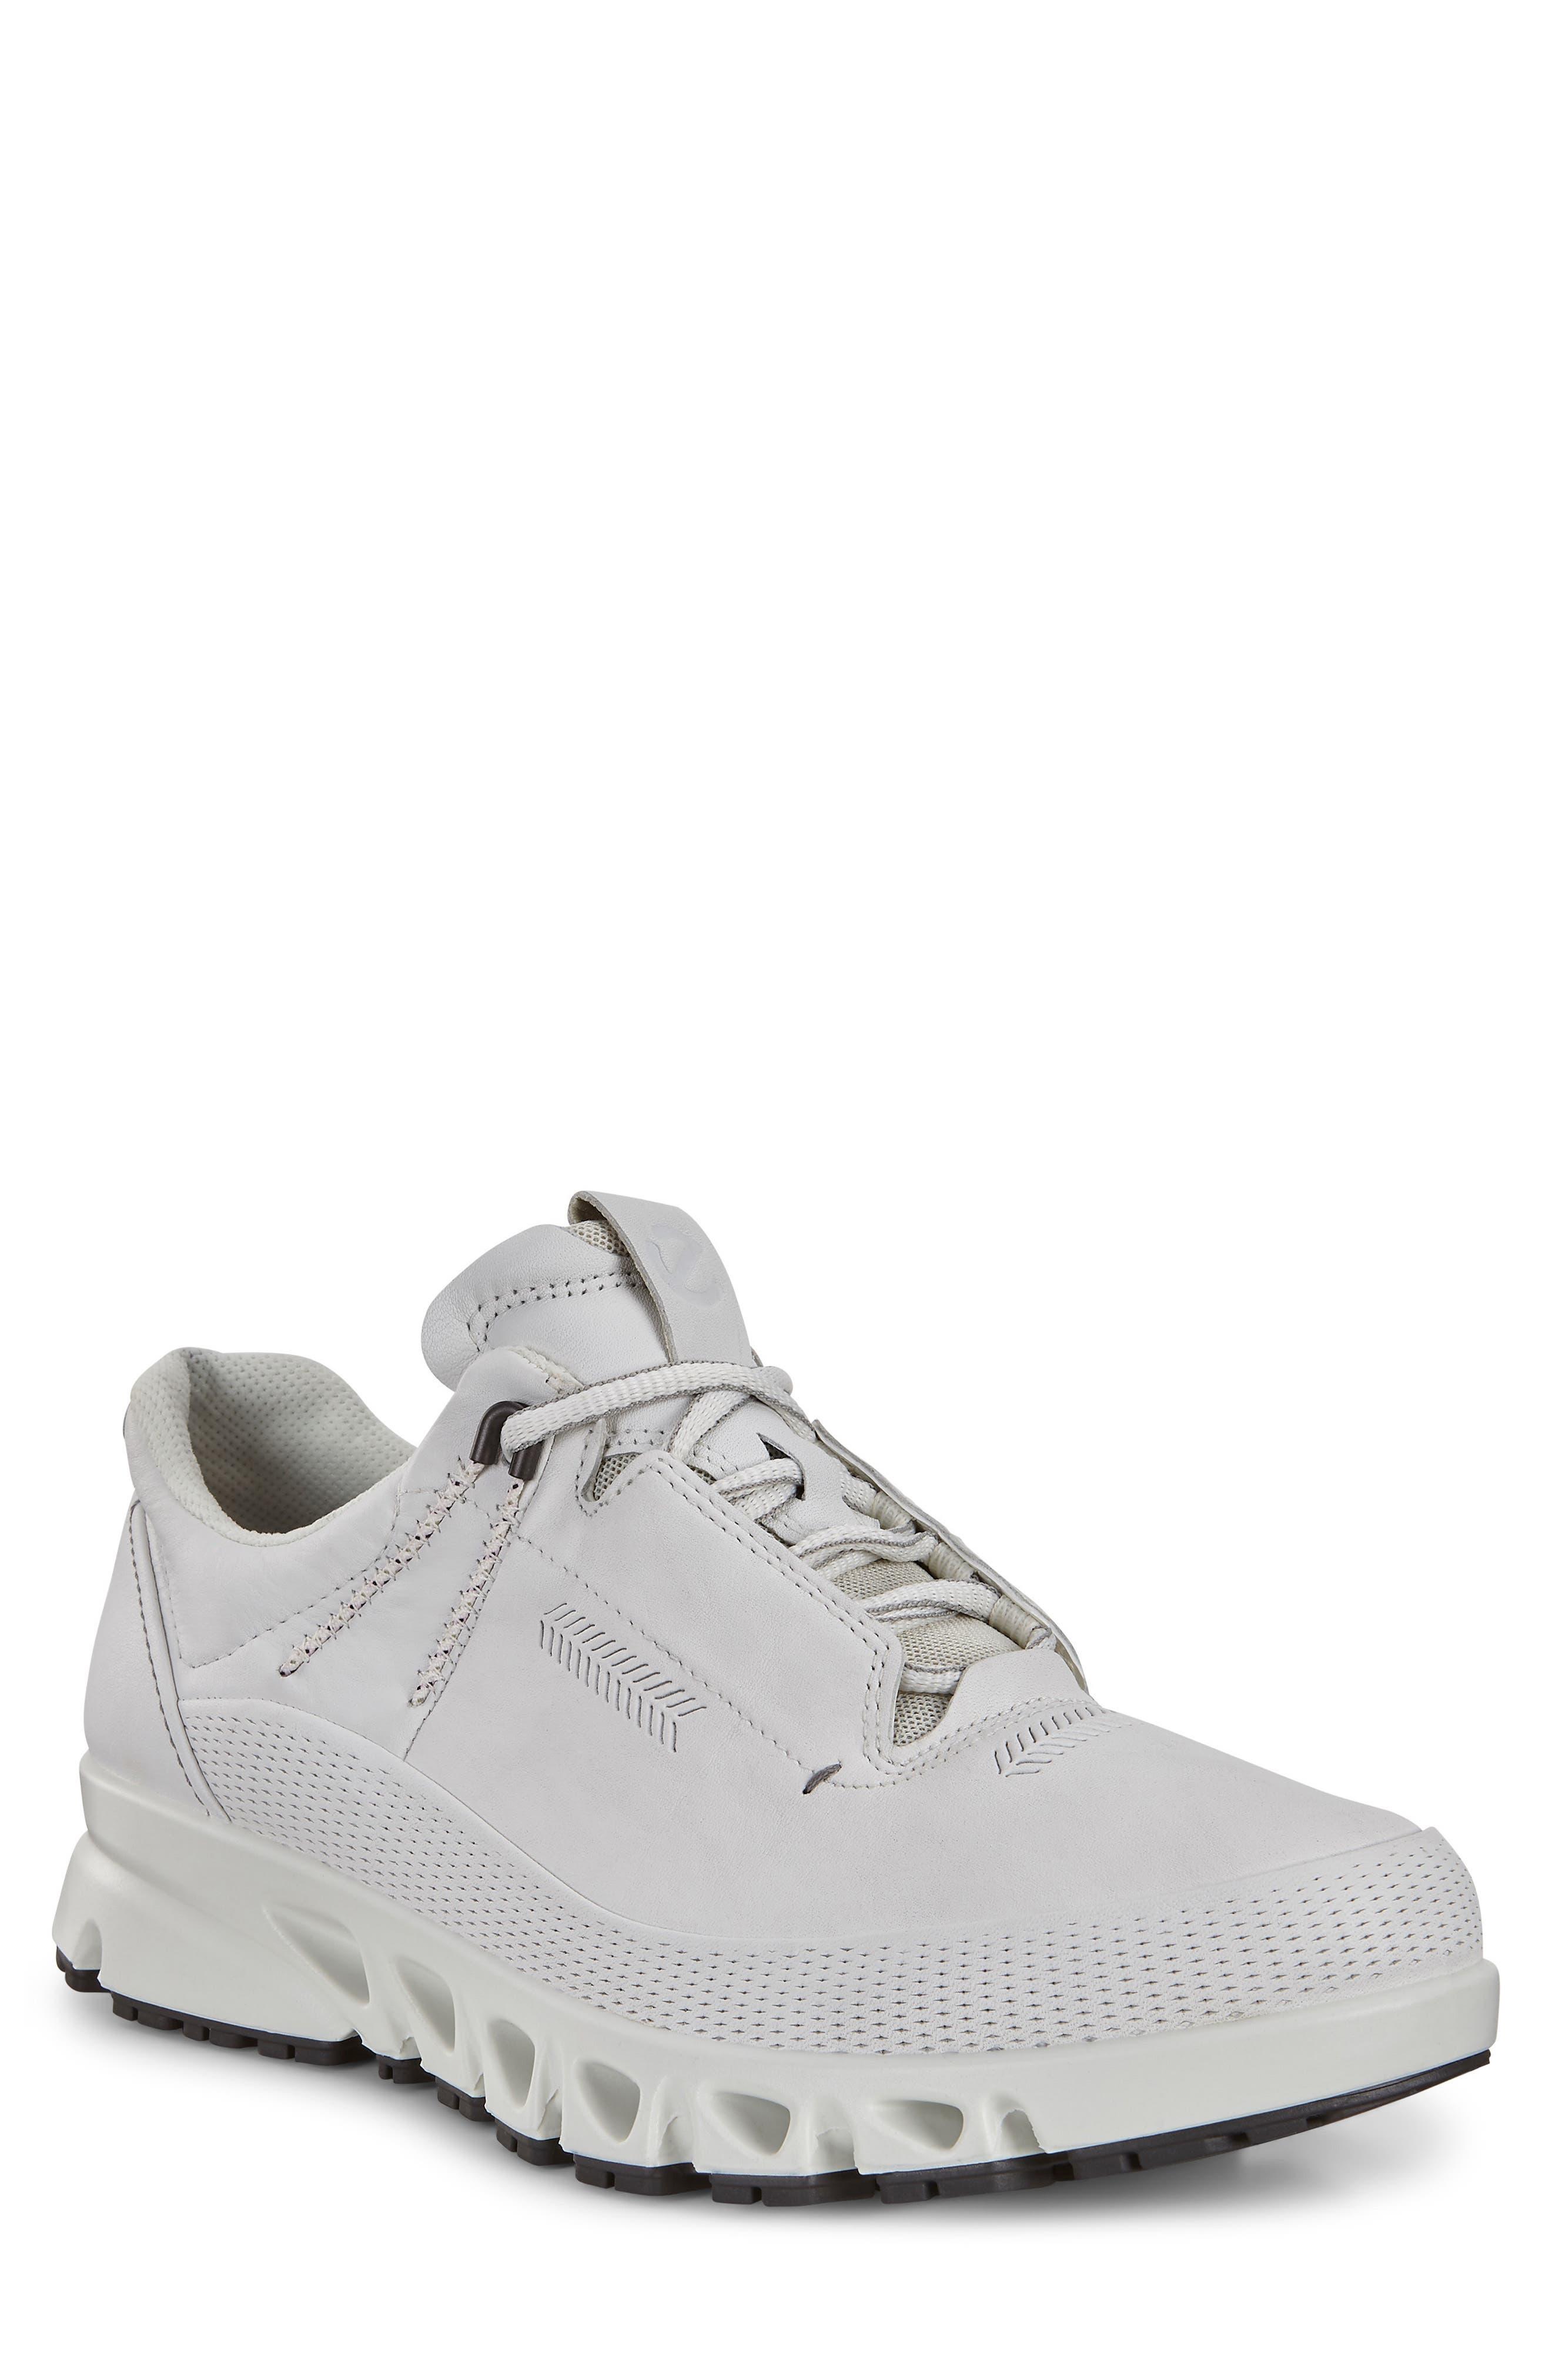 Men's Ecco Omni Vent Gore-Tex Sneaker